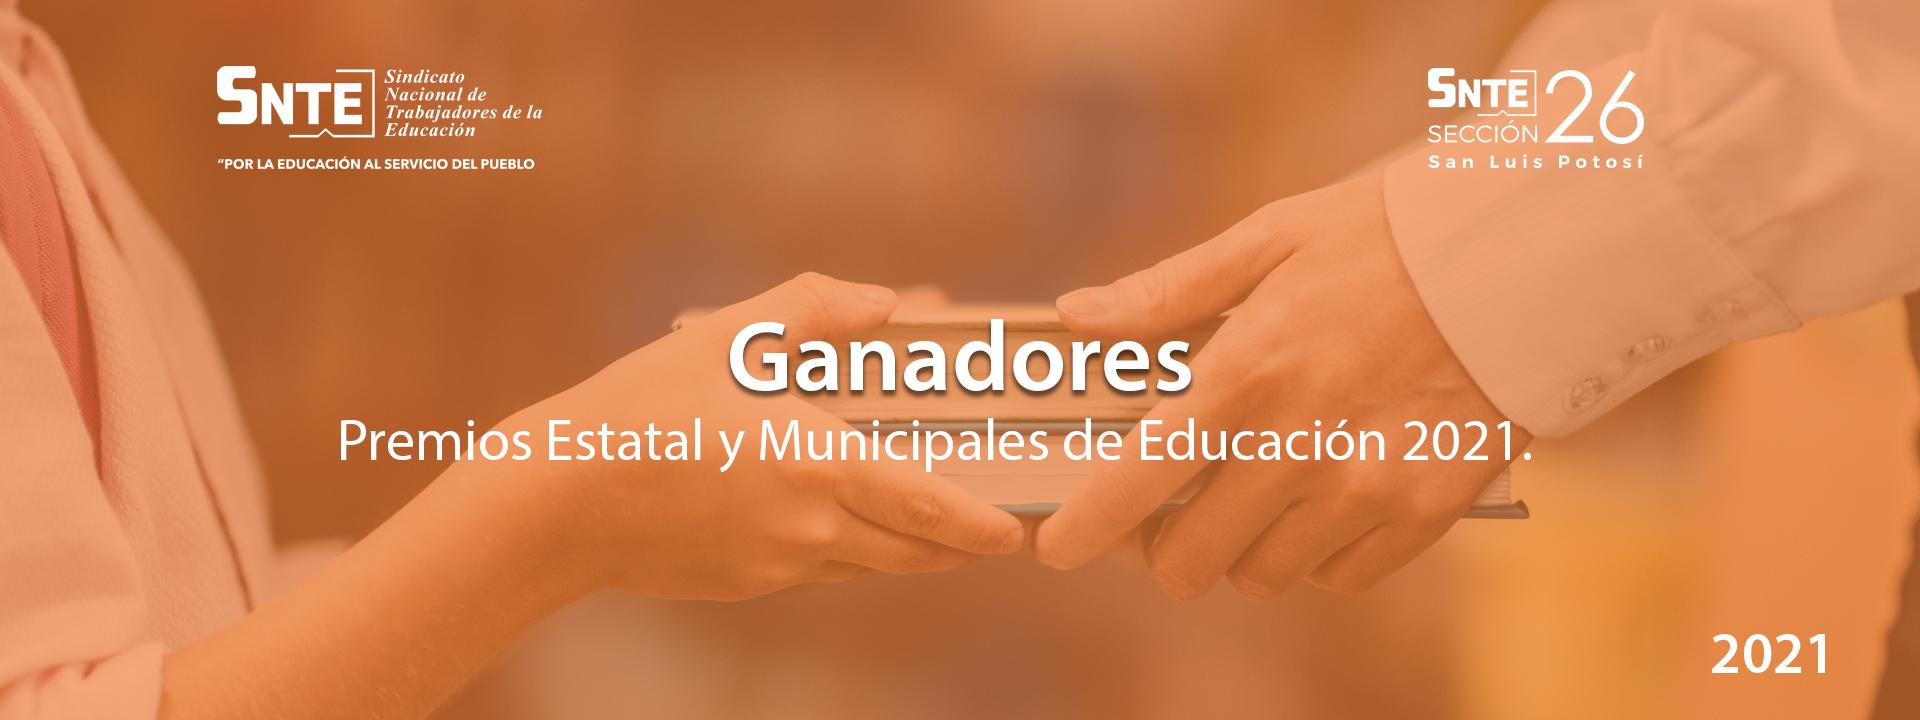 Ganadores, premios Estatal y Municipales de Educación 2021